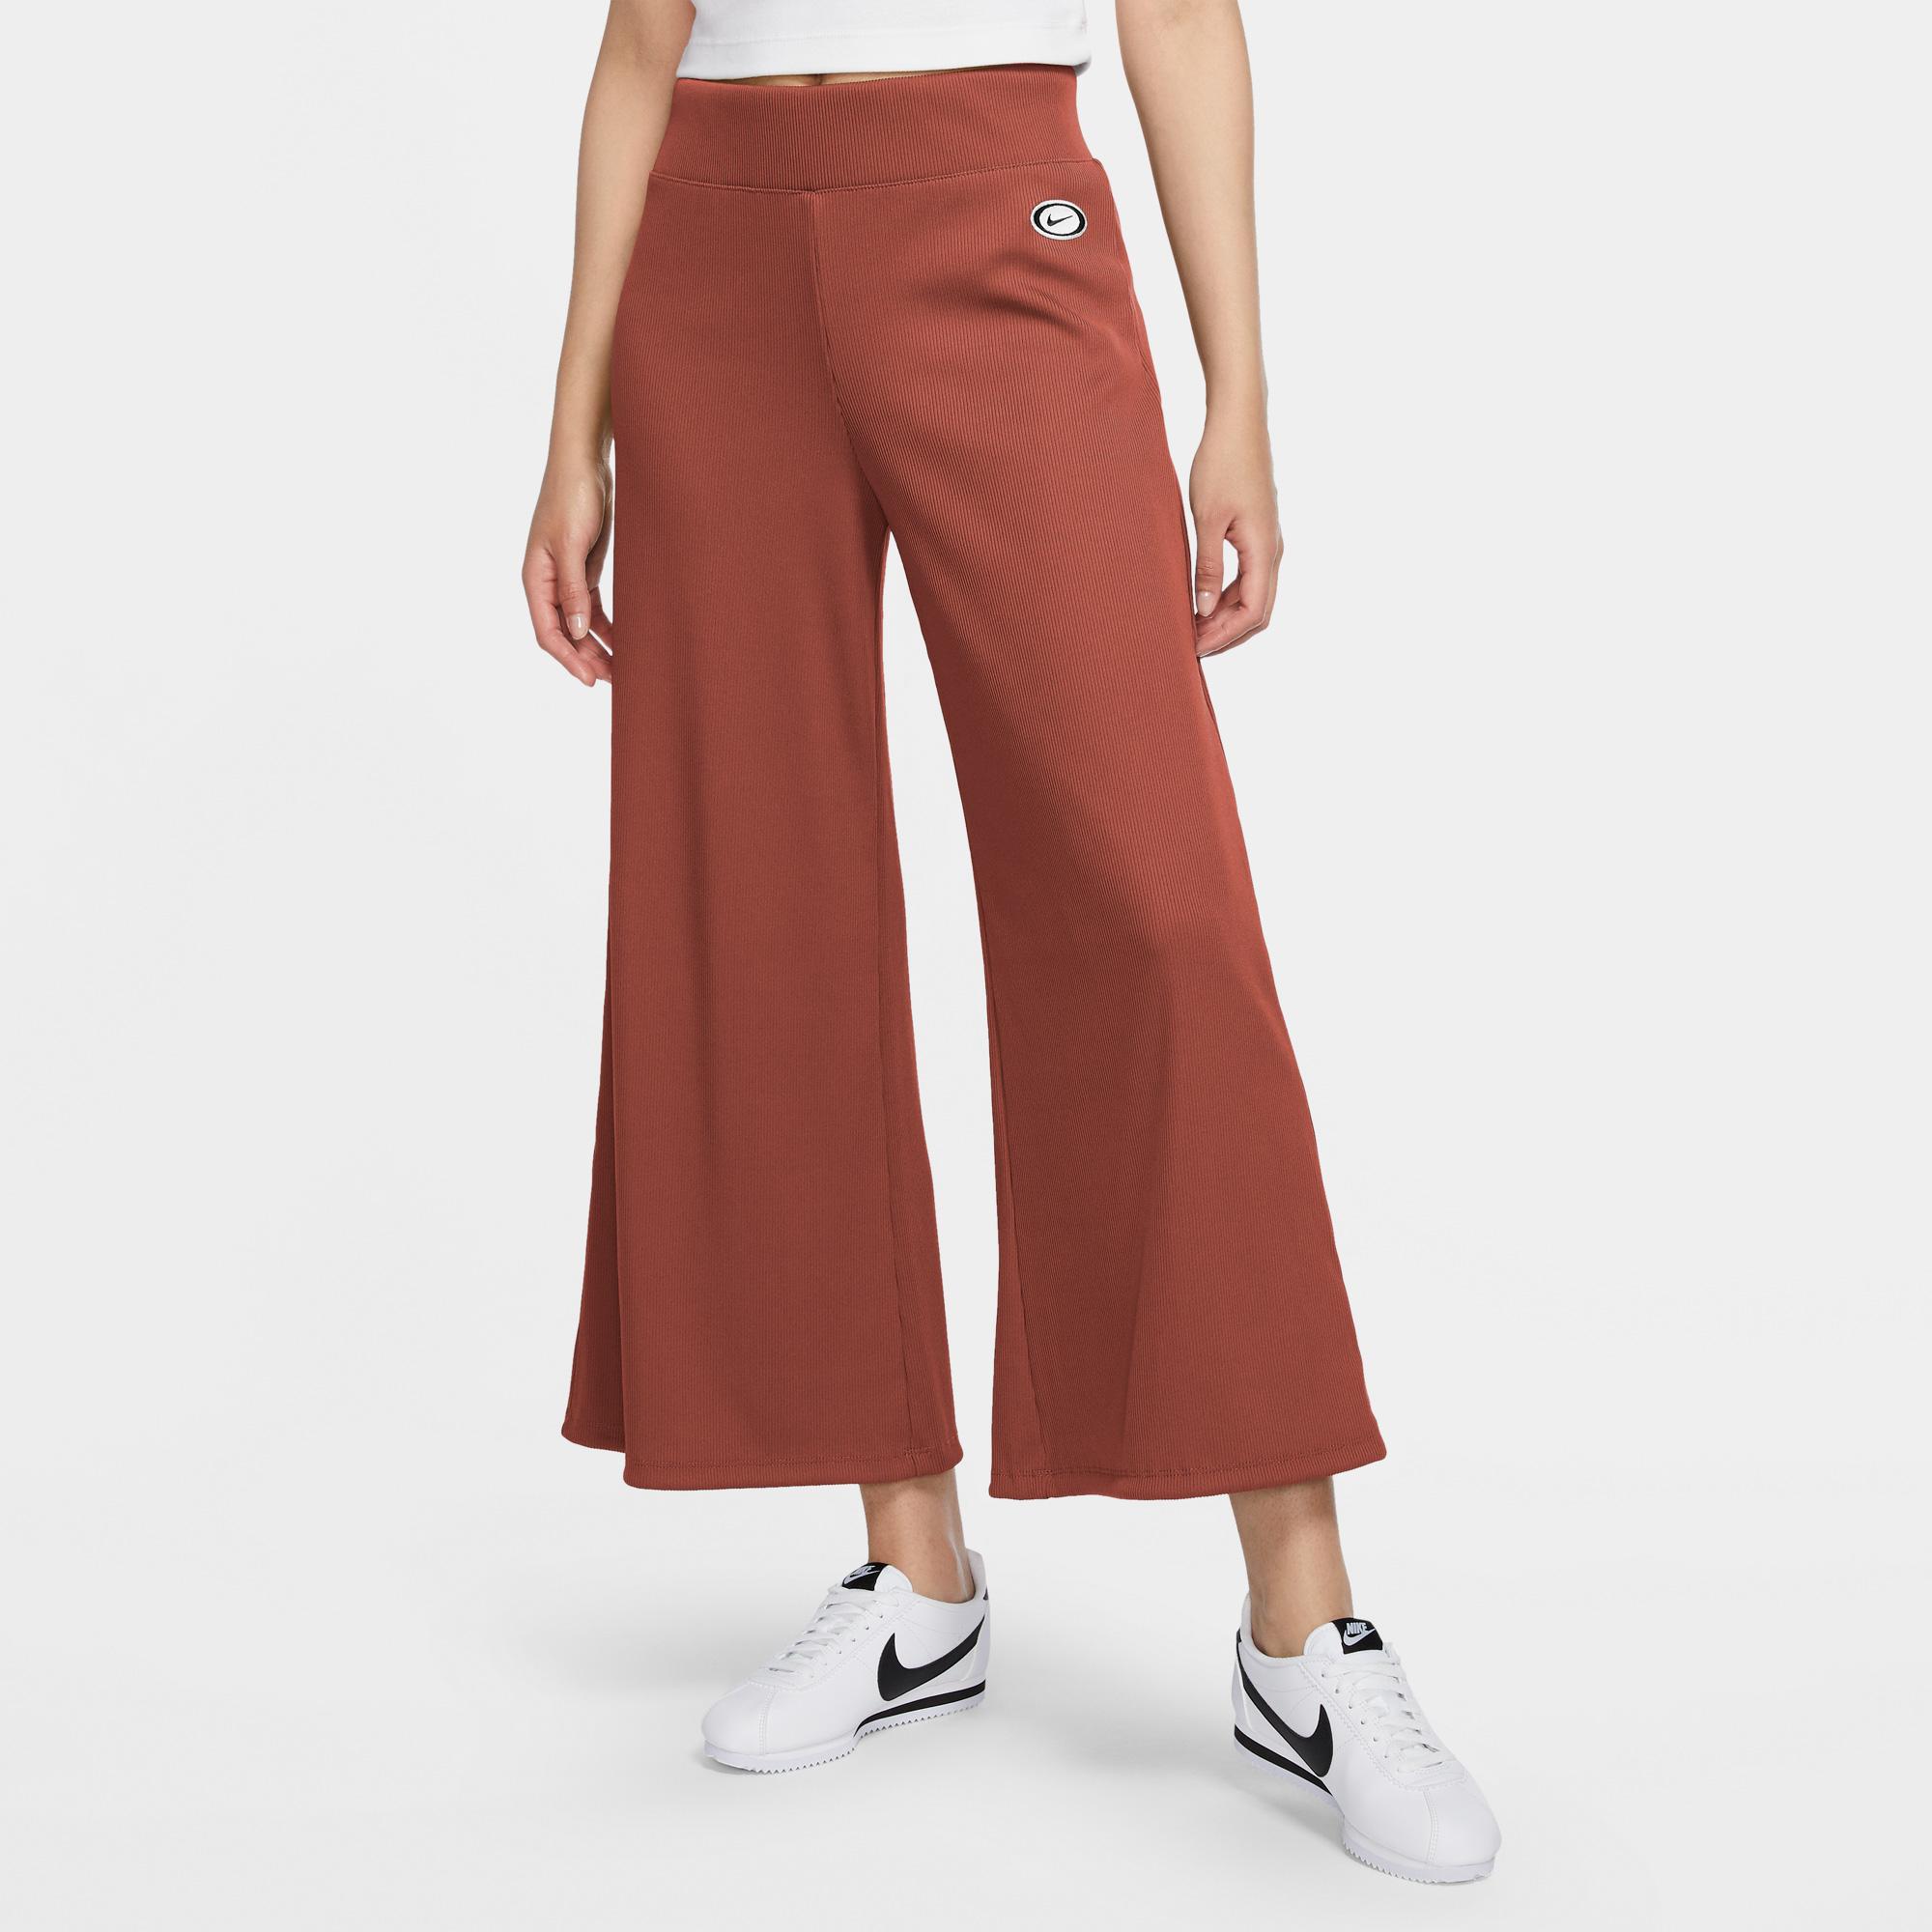 Nike Sportswear Kadın Turuncu Eşofman Altı